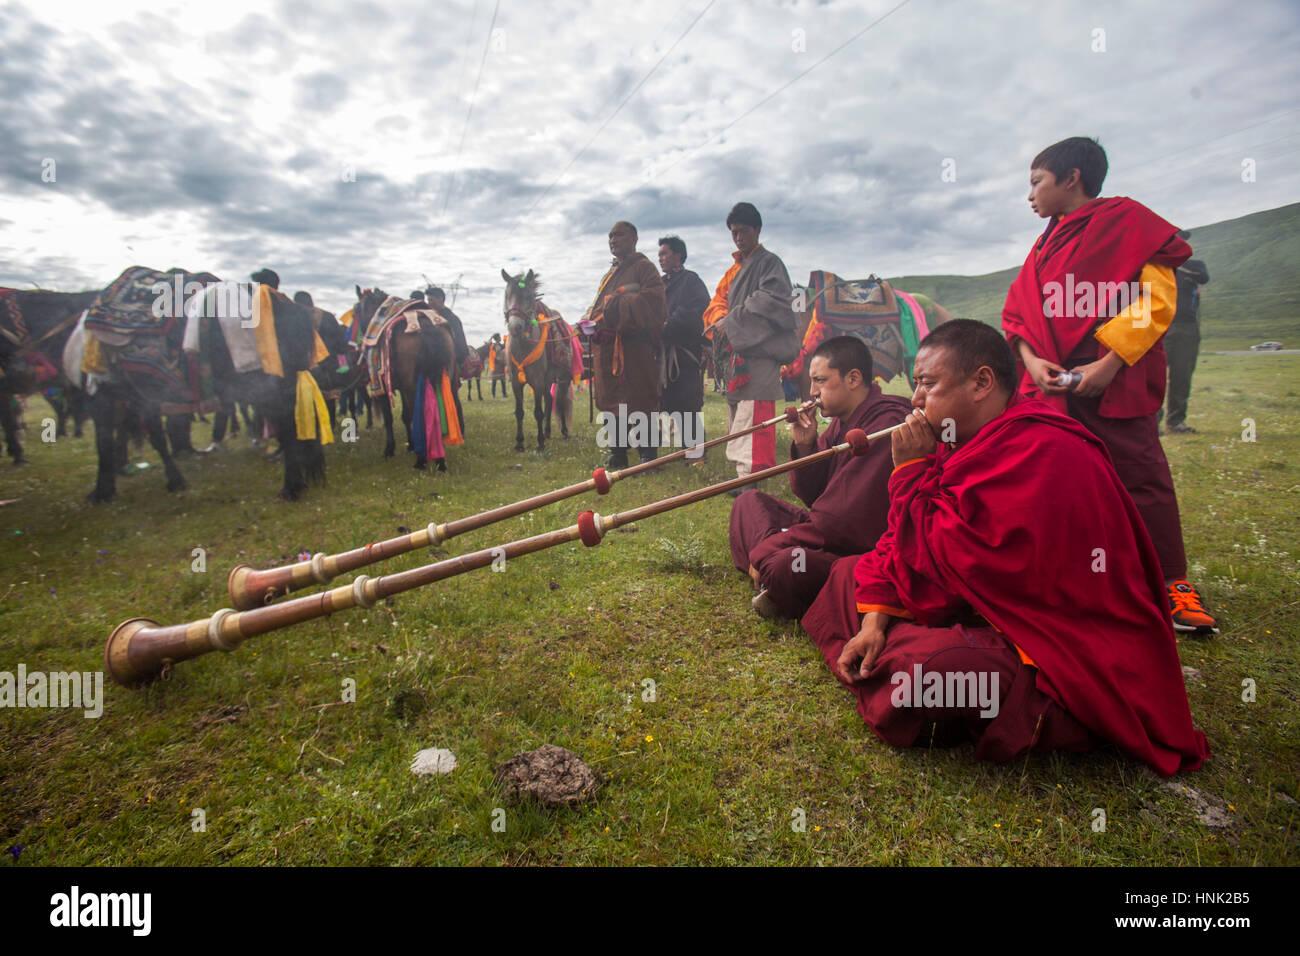 Monjes budistas tibetanos tocan los instrumentos tradicionales para bendecir a los jinetes antes de competición Imagen De Stock